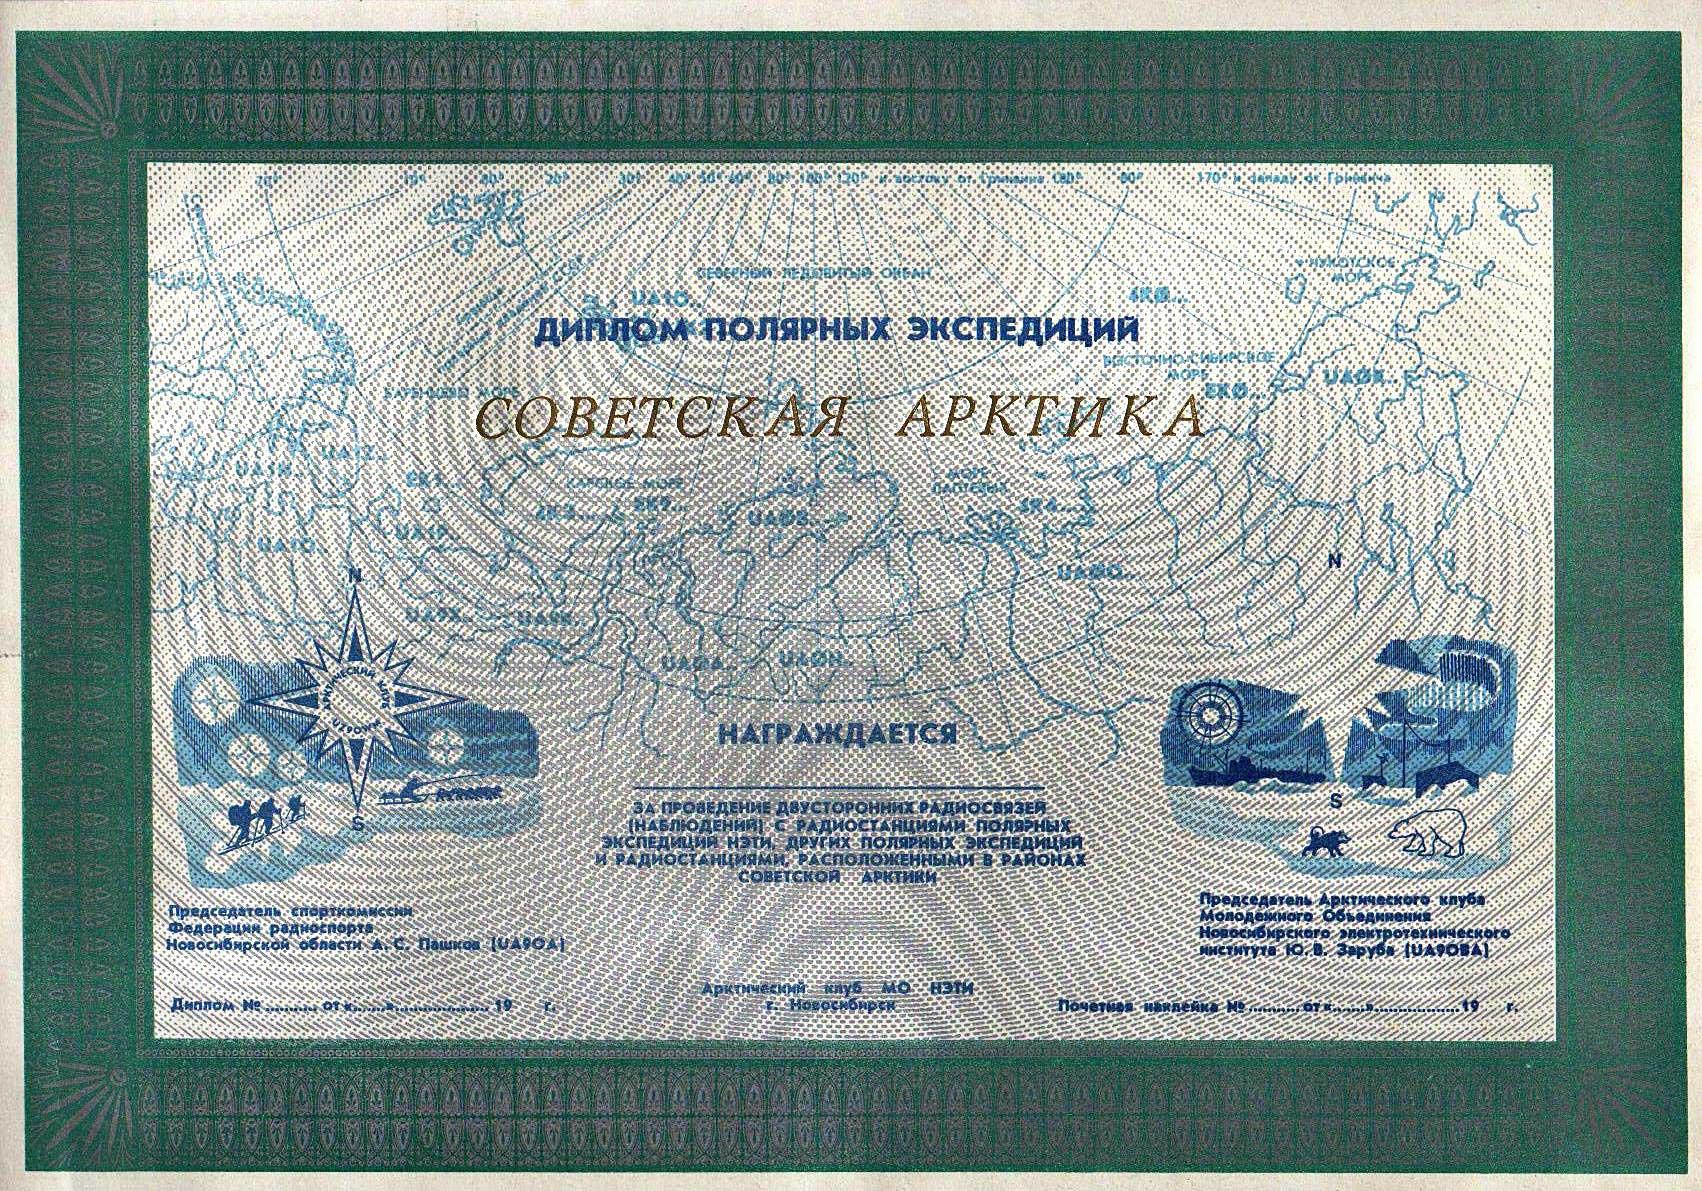 где опубликована схема и описание радиостанции карат-2н